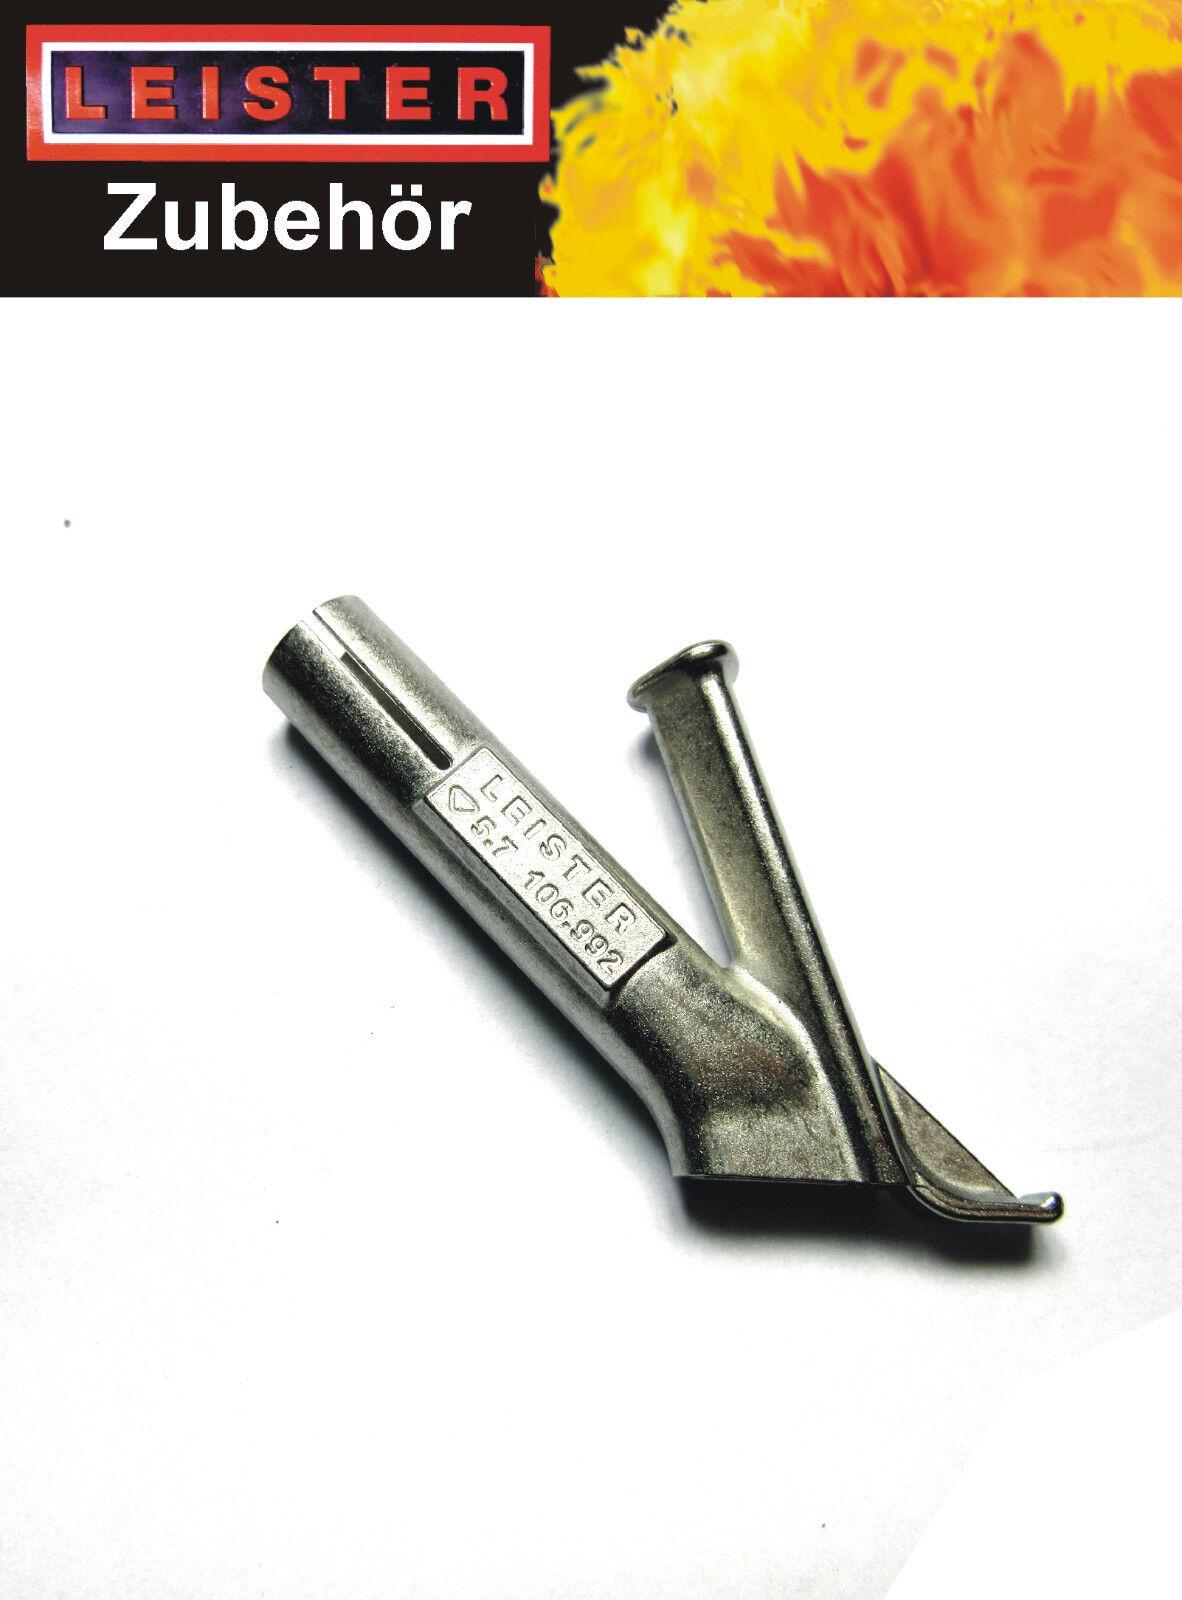 Leister Schnellschweißdüse 5,7 mm für Rohrdüse für TRIAC S, ST, AT 106992